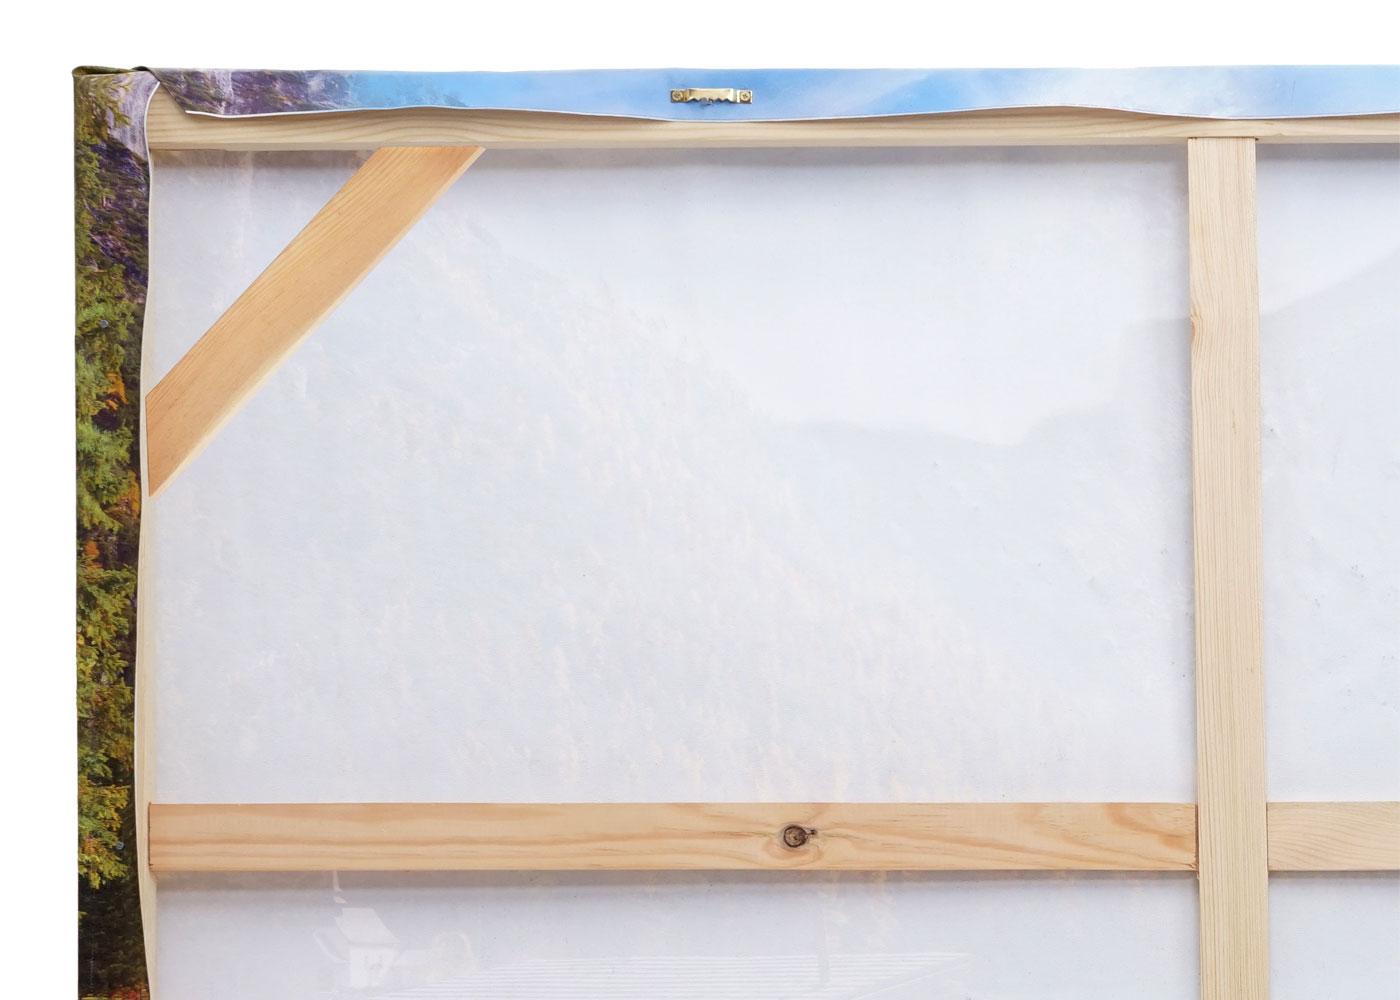 Wandgemälde HWC-H25 Detailansicht Rahmen